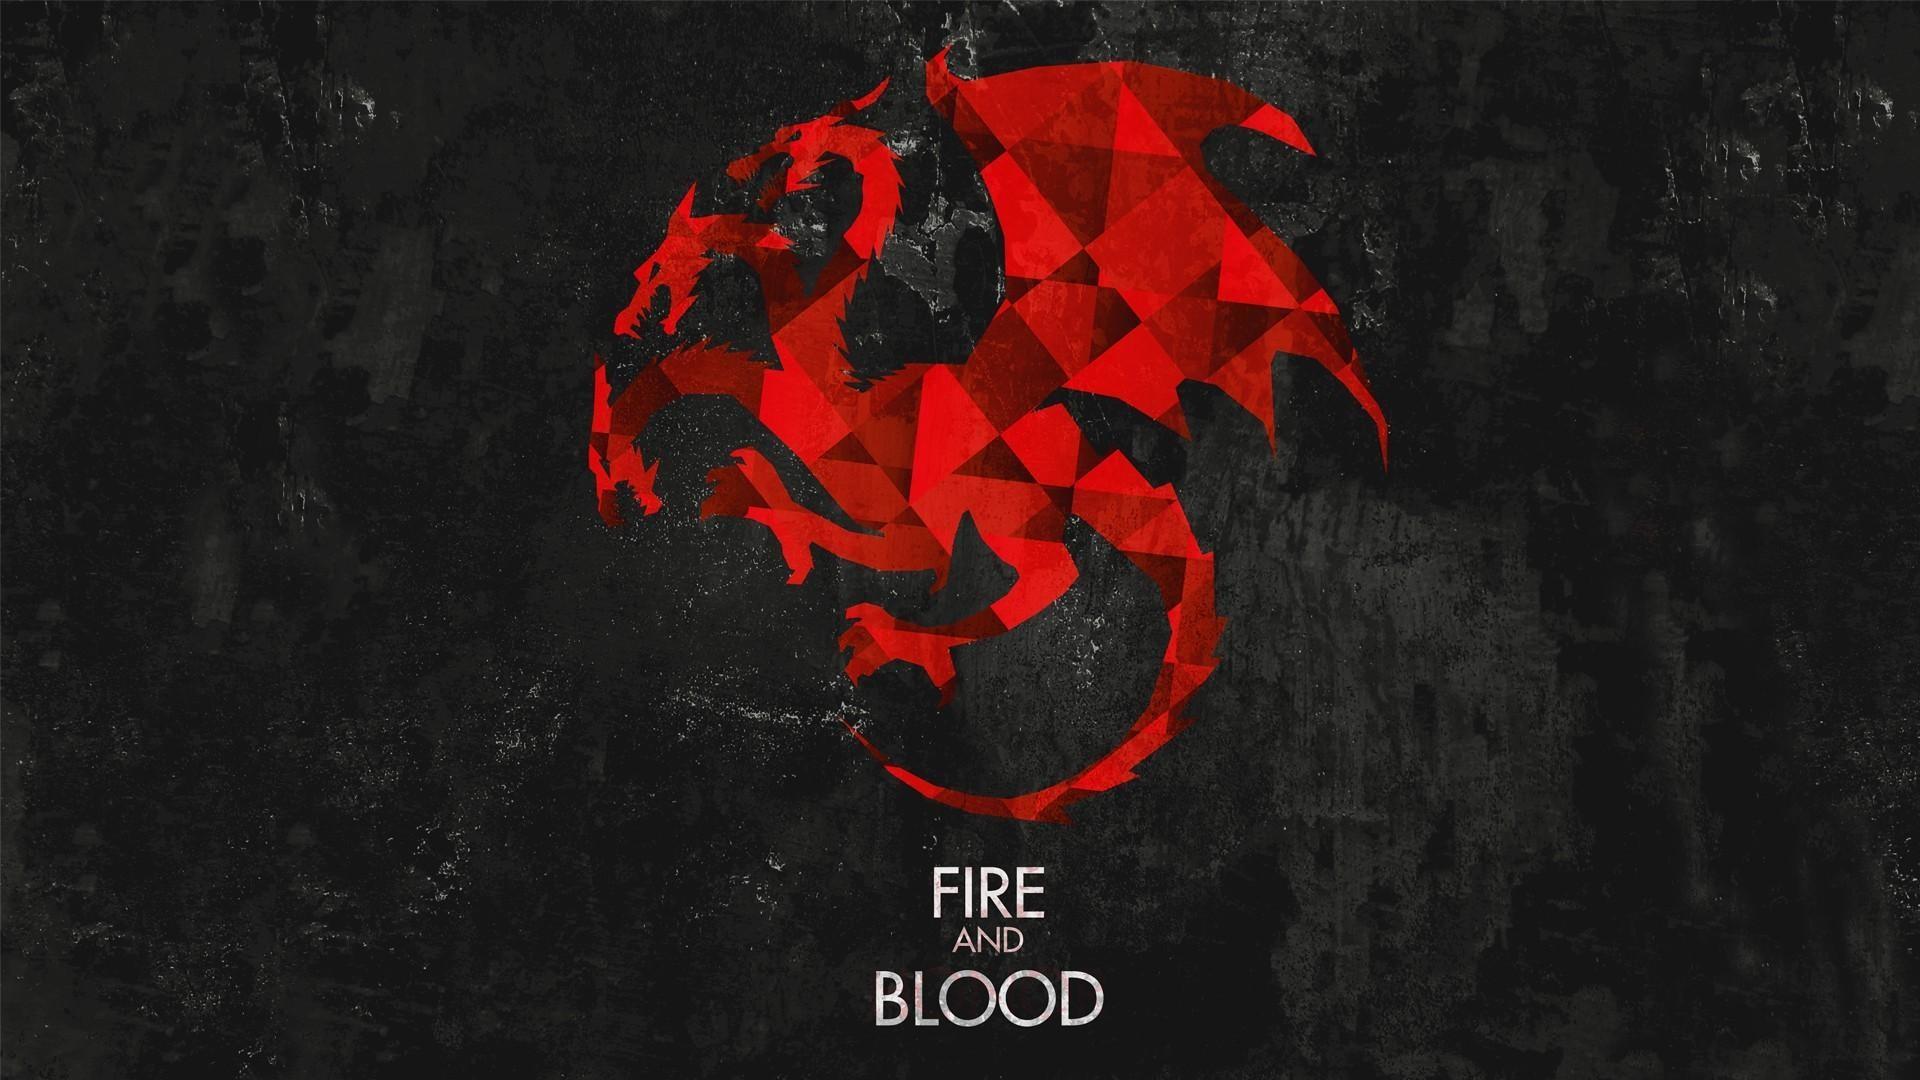 Game Of Thrones Dragon Wallpaper | Download Best Desktop HD Wallpapers .